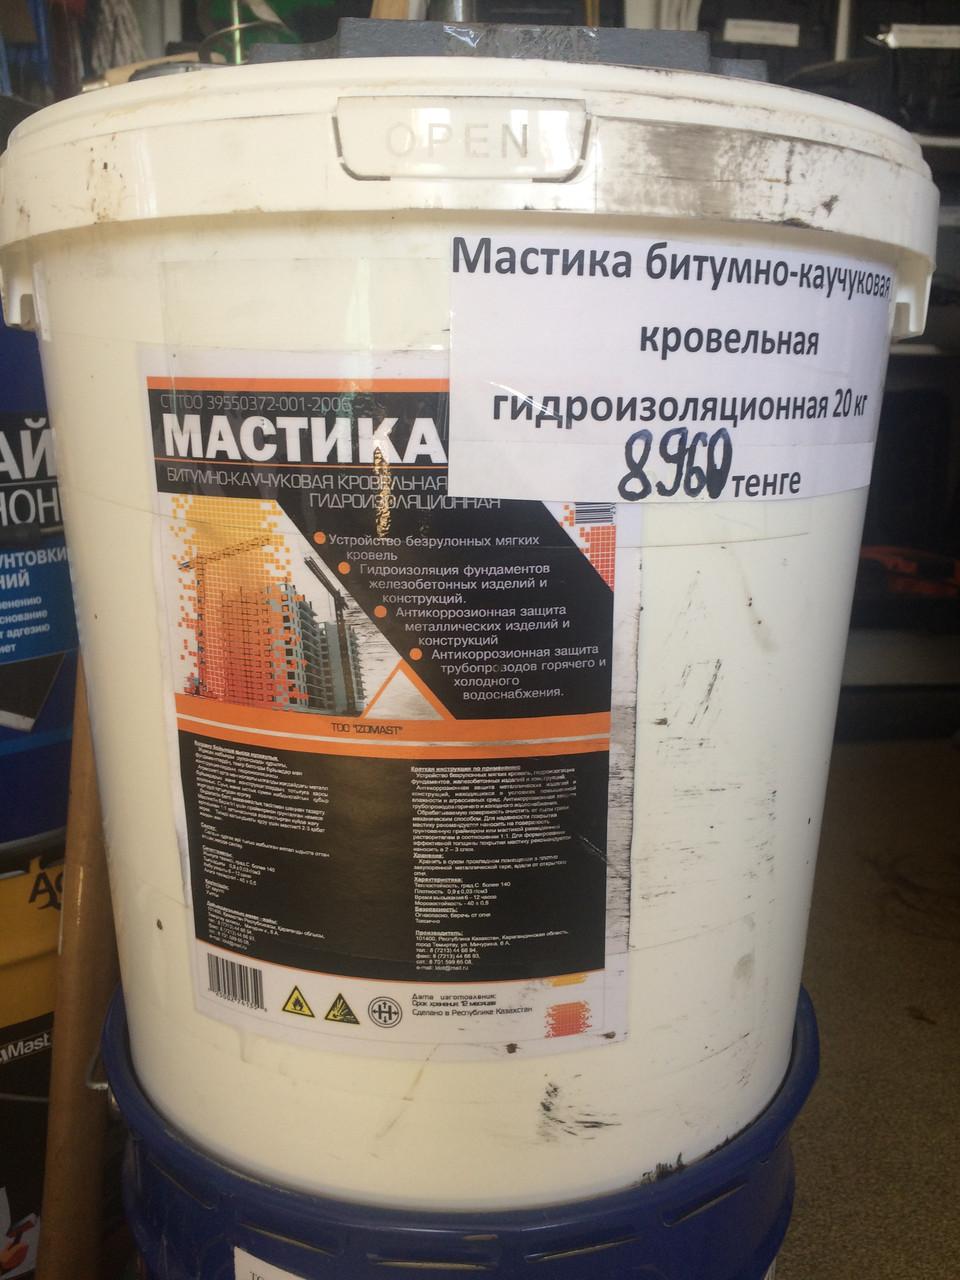 Мастика битумно-каучуковая кровельная гидроизоляционная 20 кг